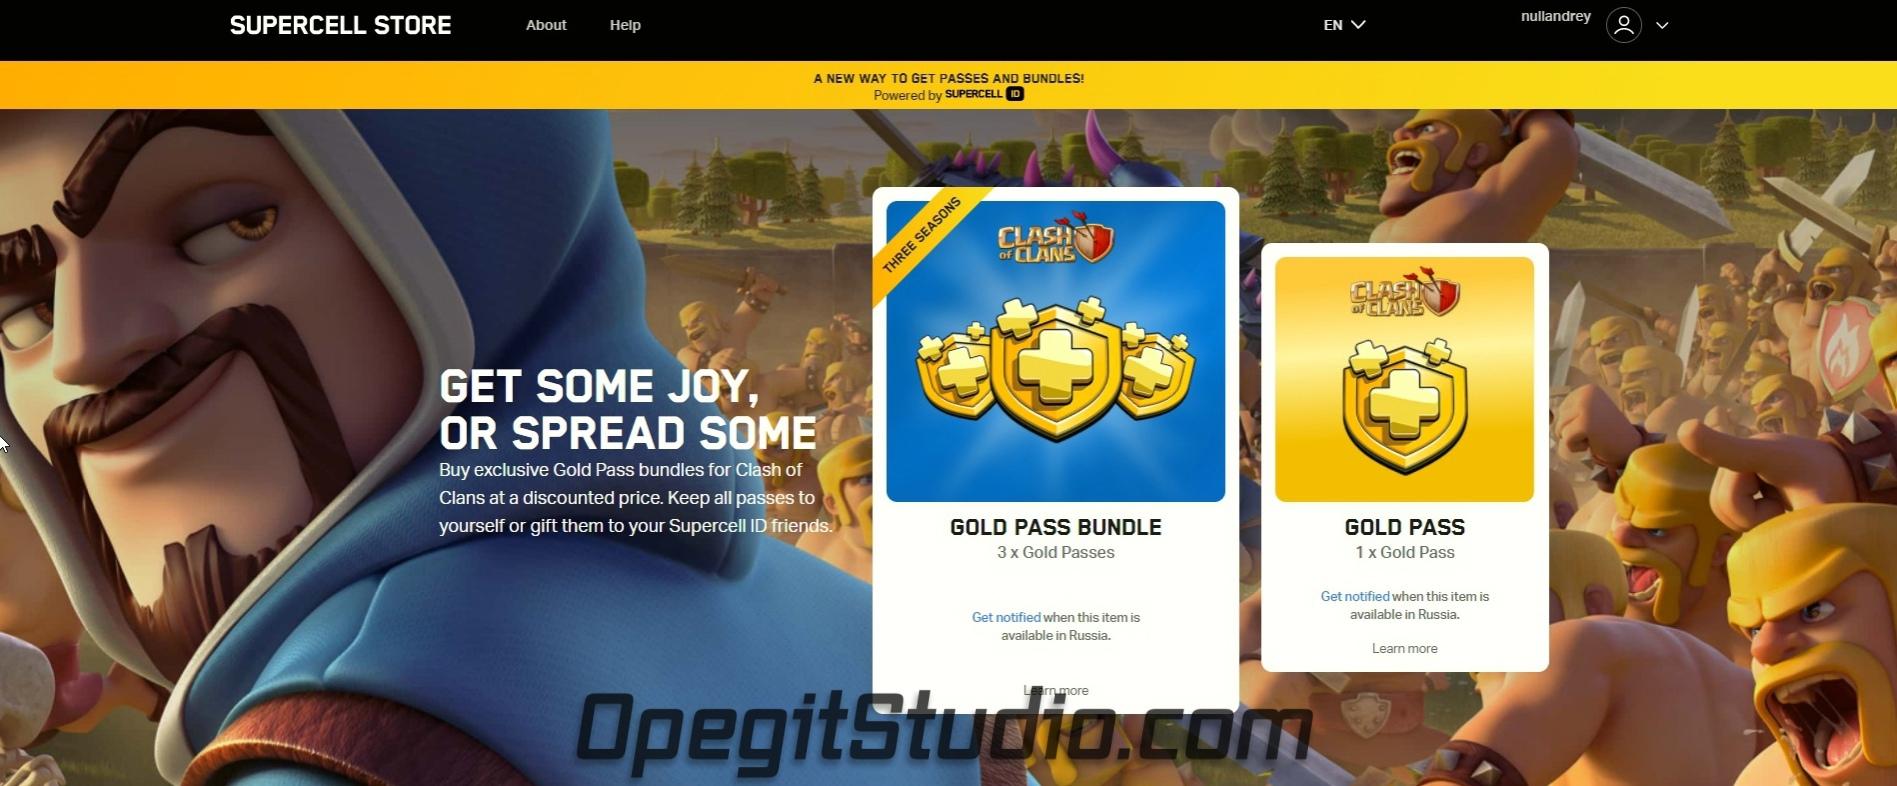 Supercell открыли свой магазин для внутриигровых покупок. https://store.supercell.com/en